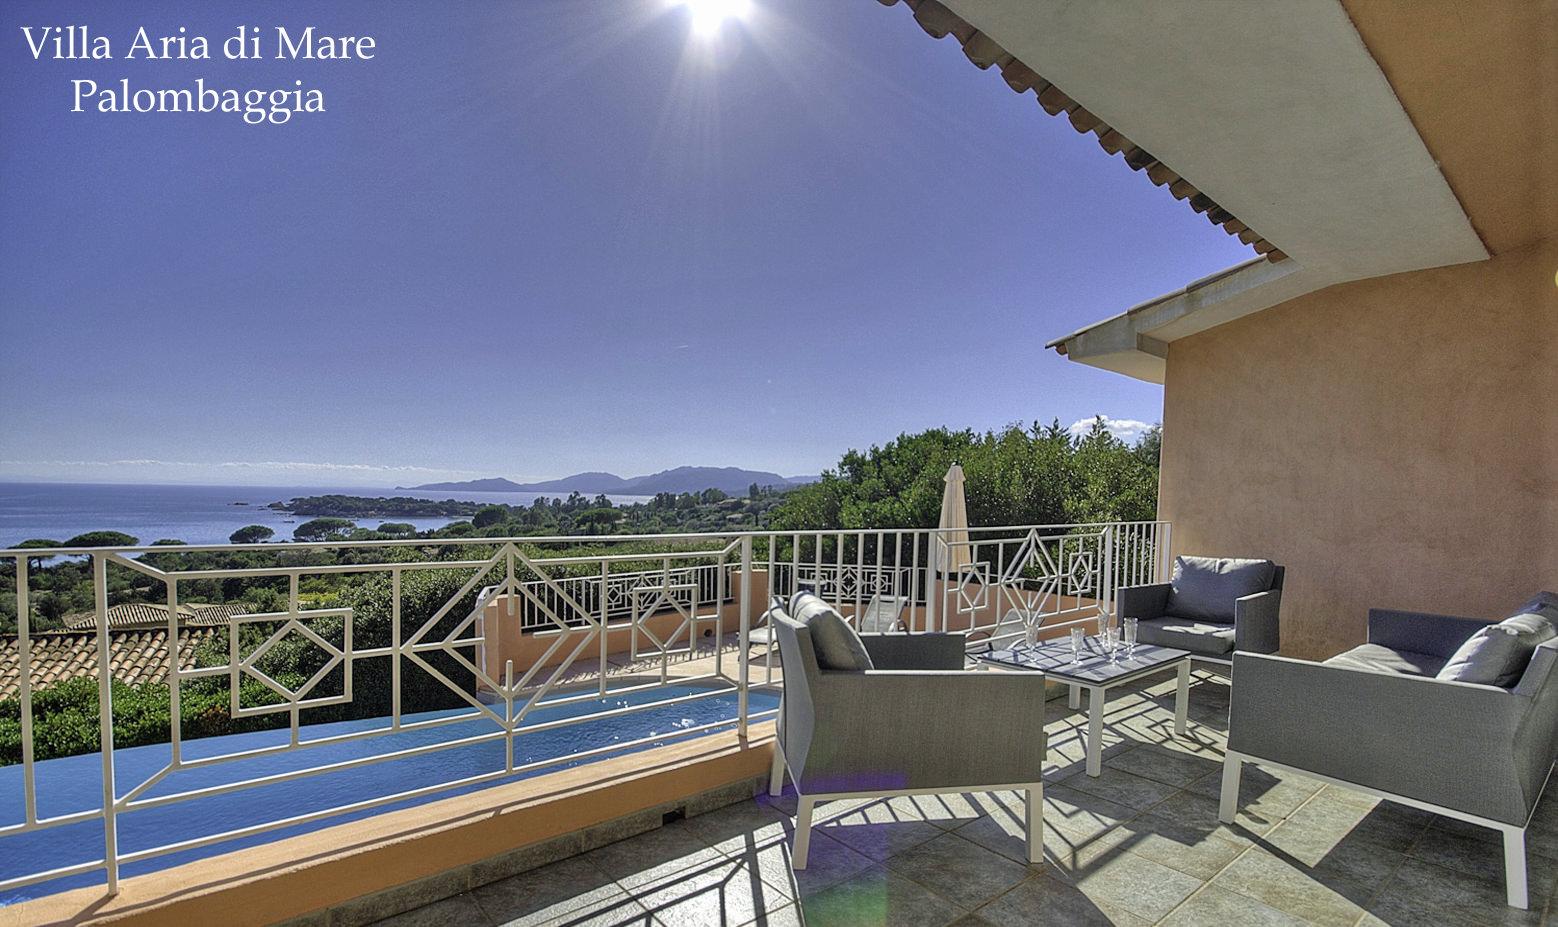 Location villa palombaggia aria di mare villa luxe avec piscine en bord de mer palombaggia for Location villa